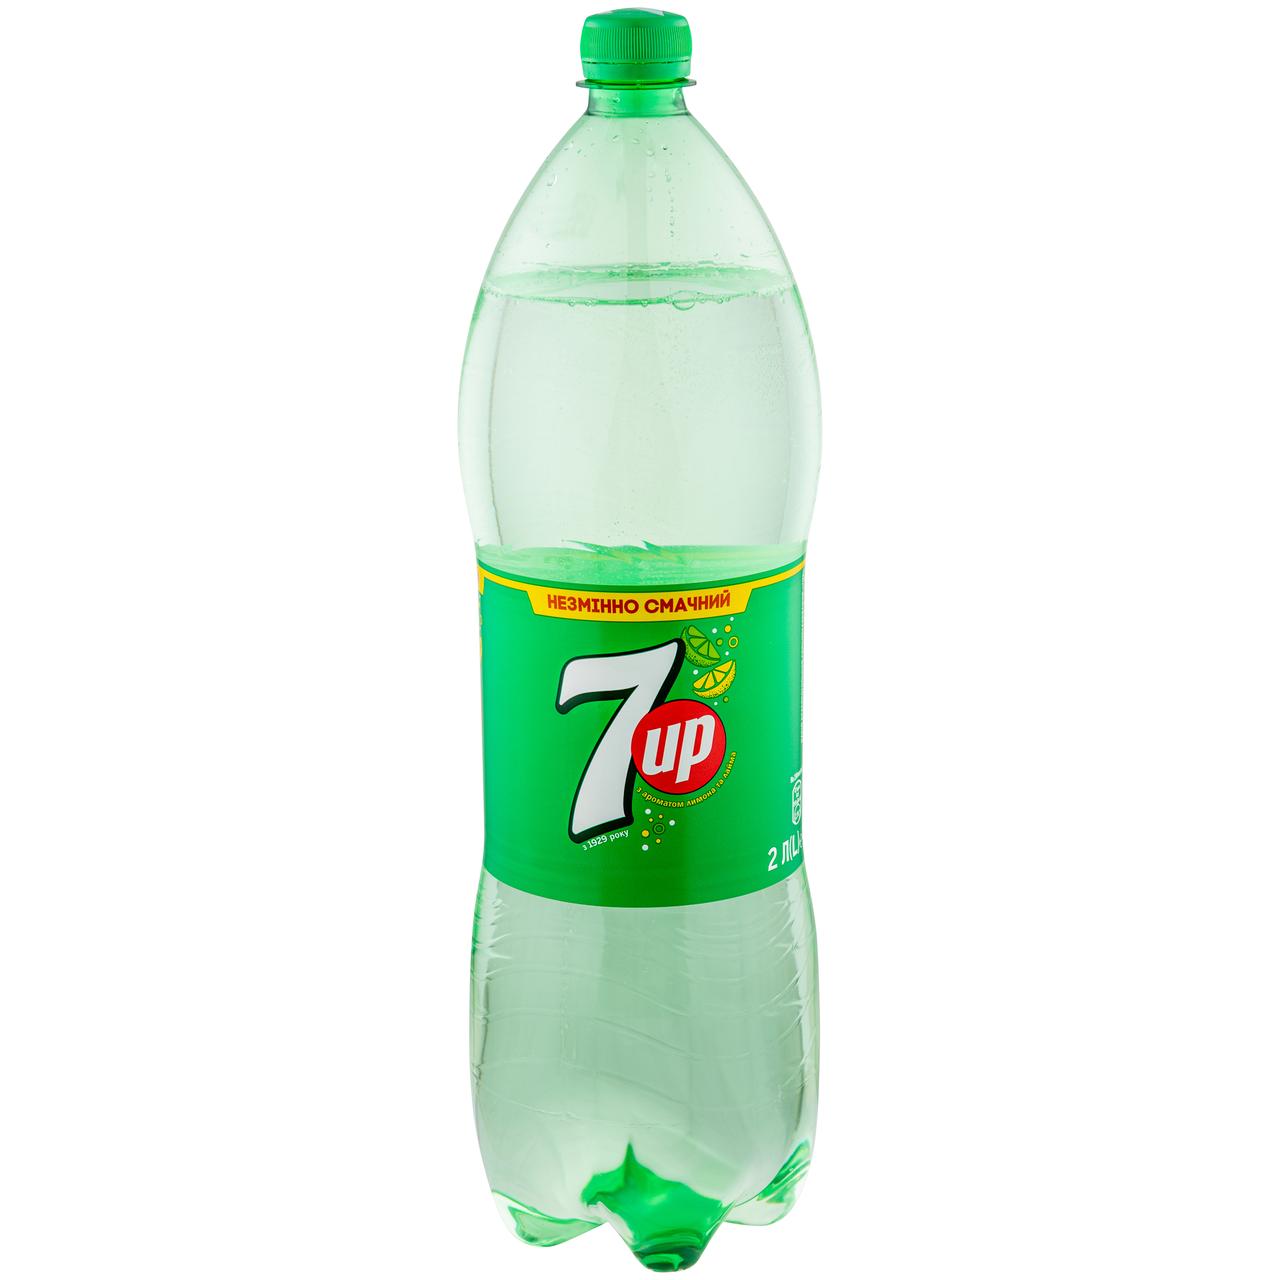 Напій 7UP з ароматом лимону та лайму безалк сильногаз 2л